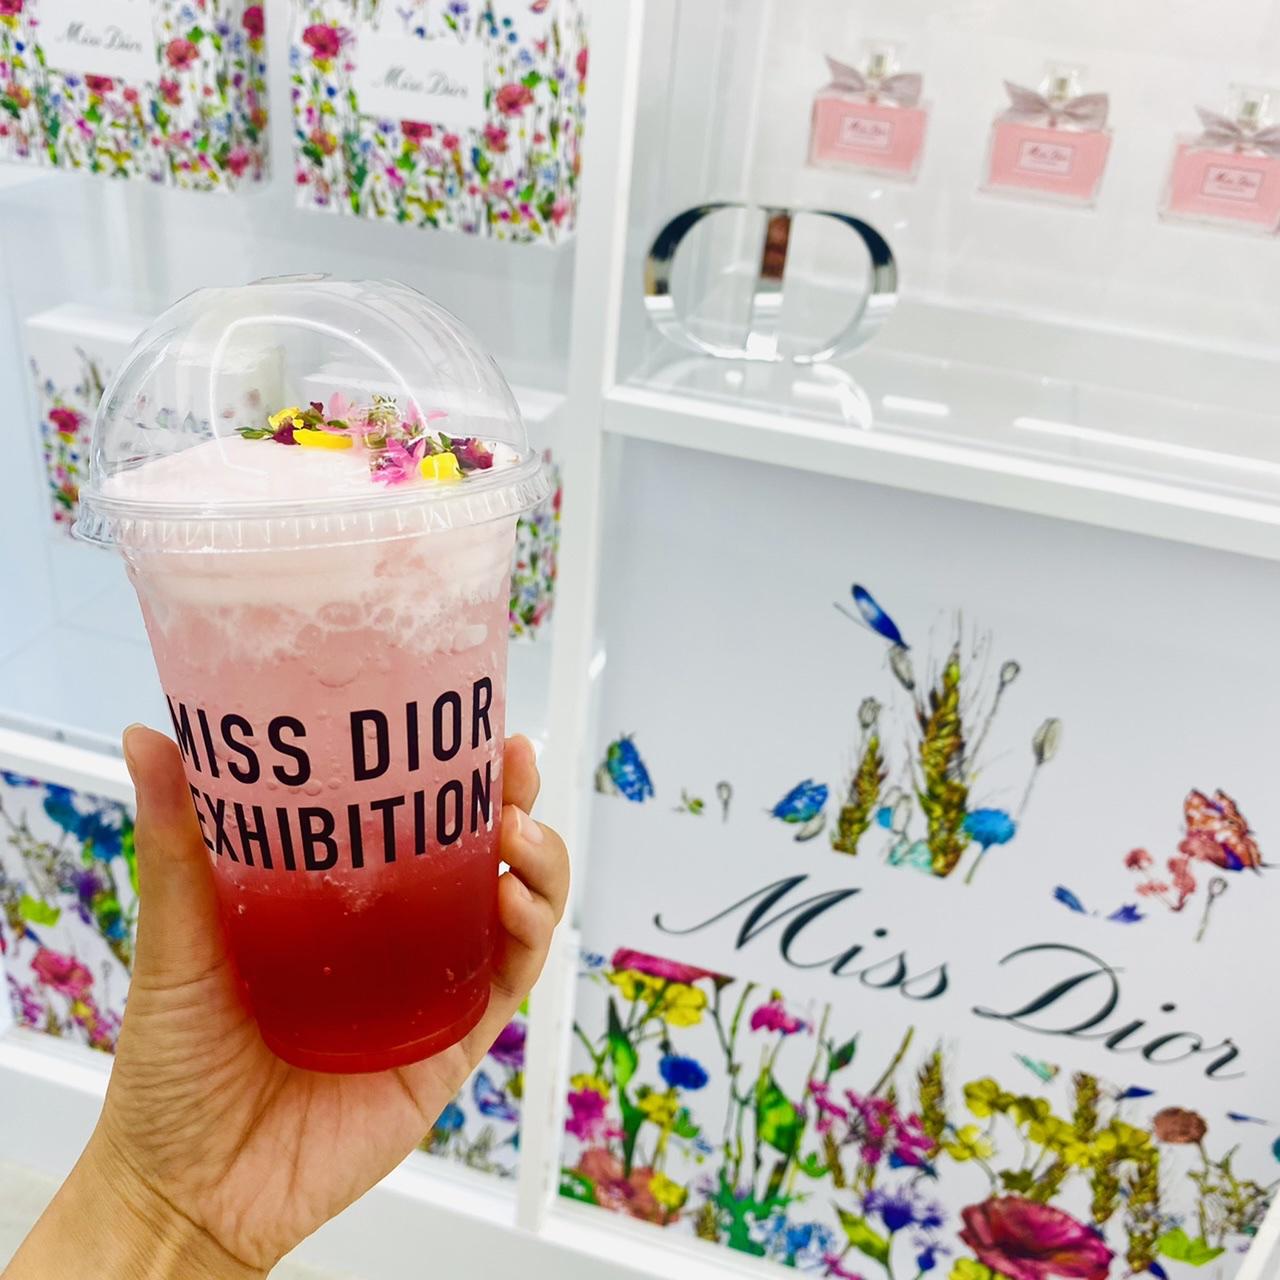 【Dior】豪華お土産付き★ 可愛いの宝庫♡カフェ併設《ミス ディオール アート イベント》へ_9